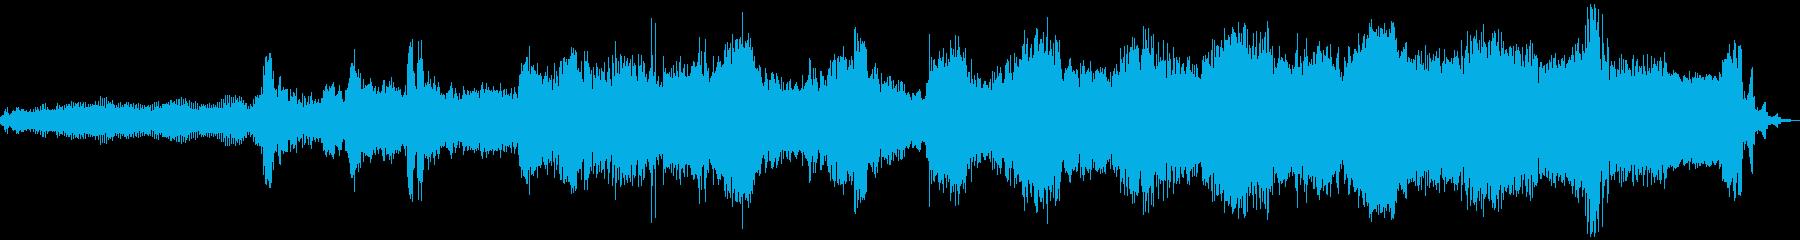 【ホラーゲーム】 敵の思惑通り シーンの再生済みの波形